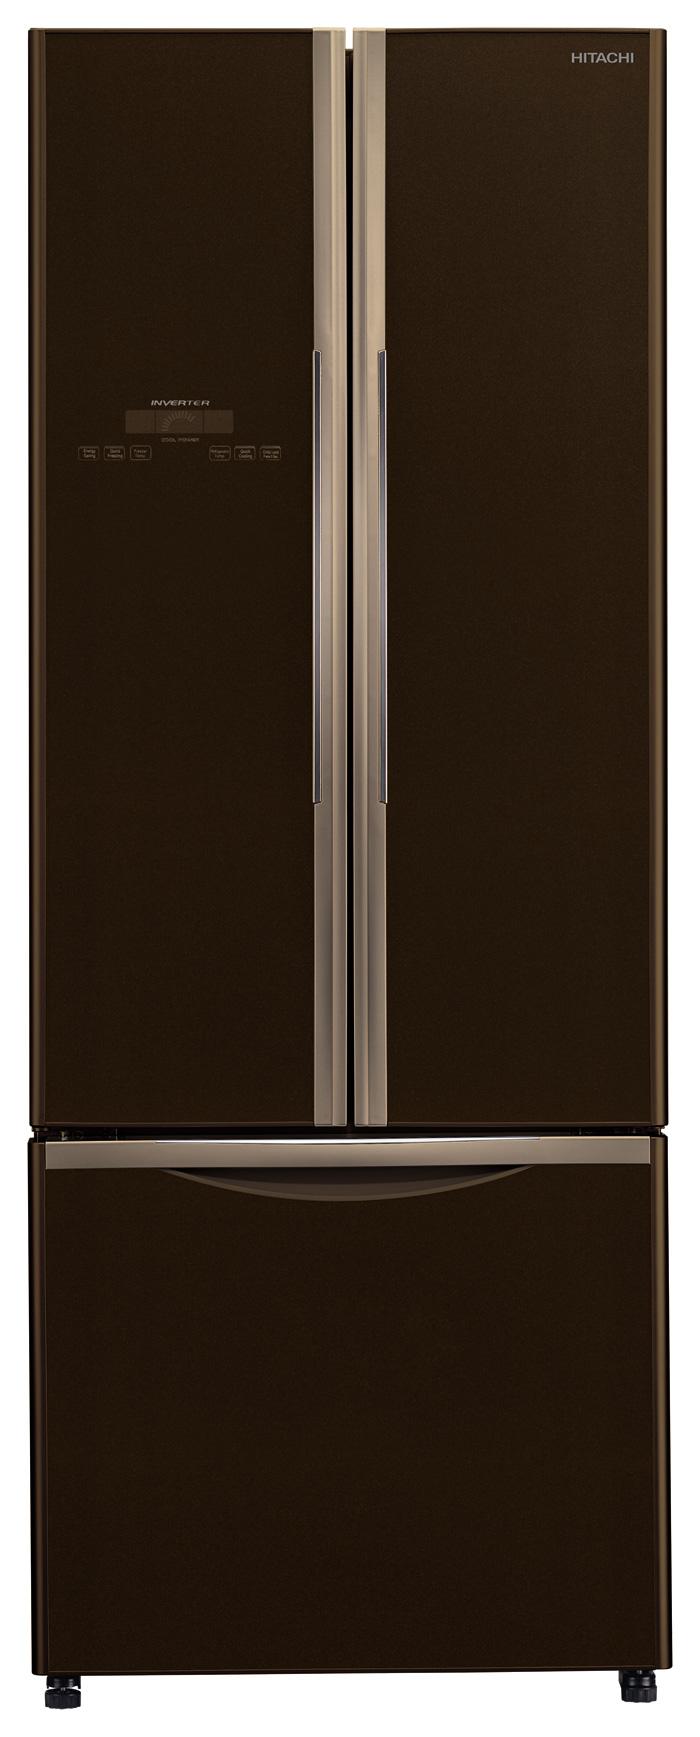 Hitachi Refrigerator  H-RWB550PG2GBW